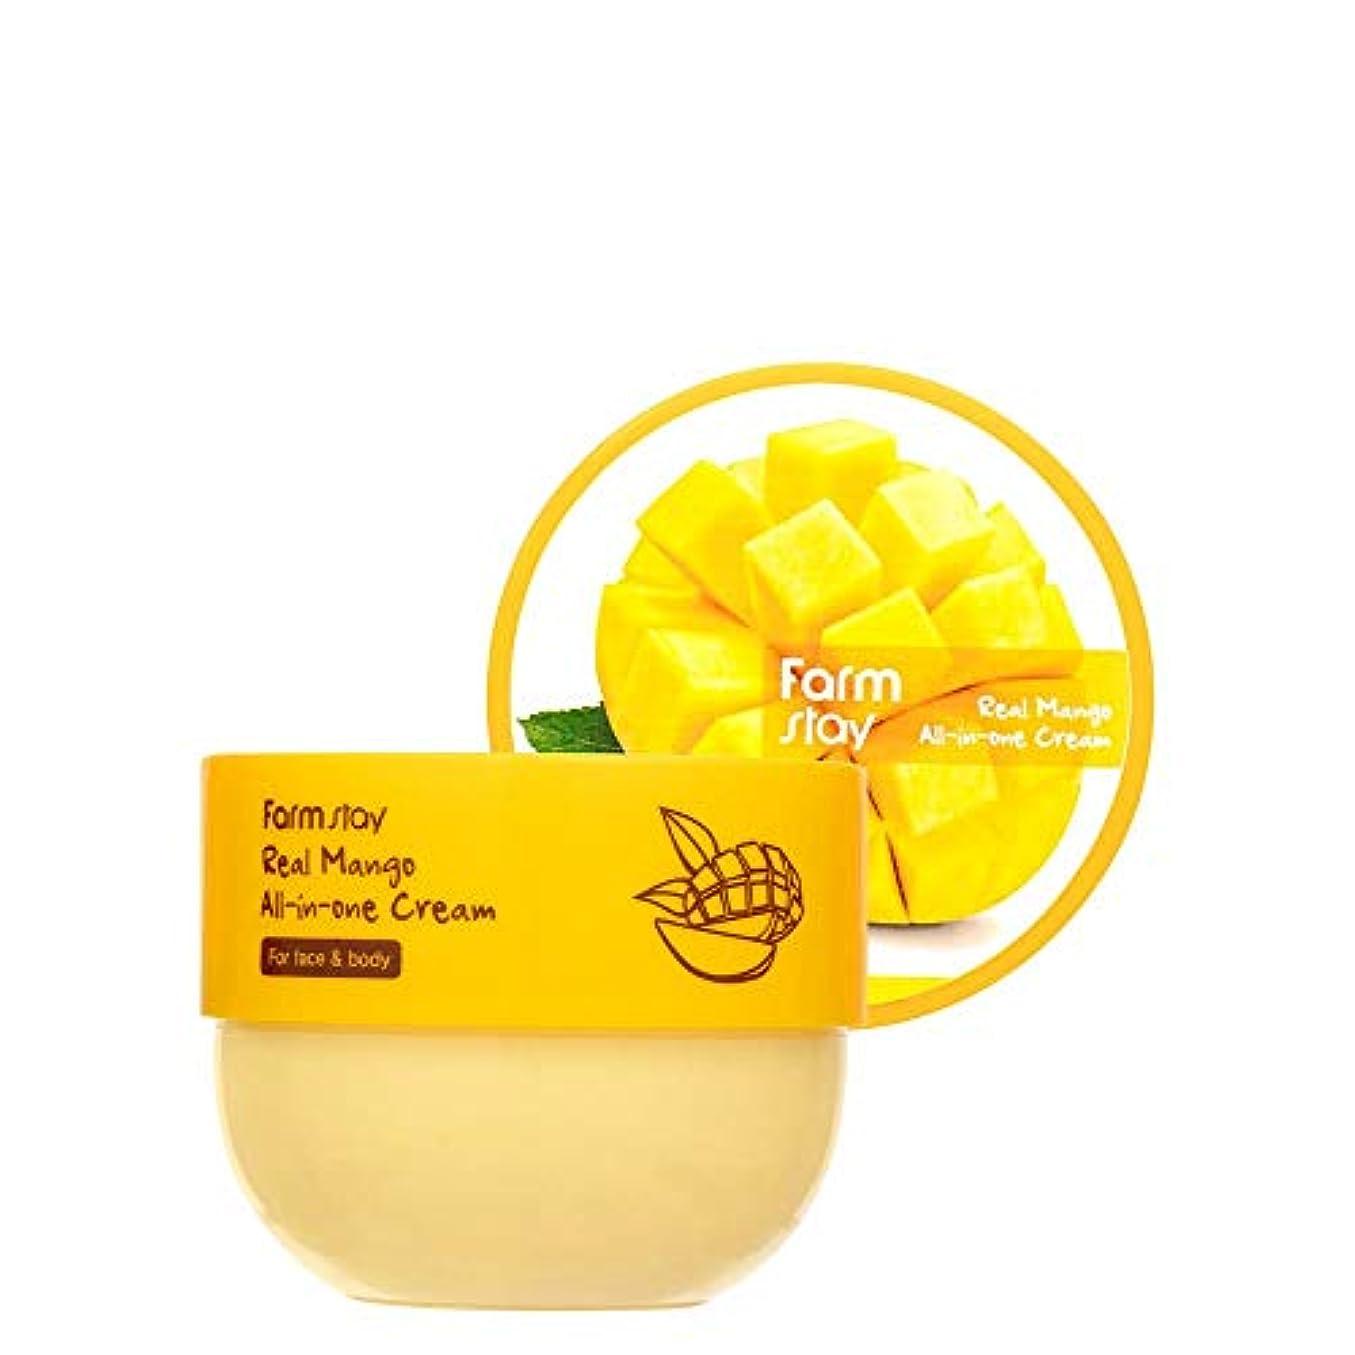 ファームステイ[Farm Stay] リアルマンゴーオールインワンクリーム 300ml / Real Mango All-in-One Cream